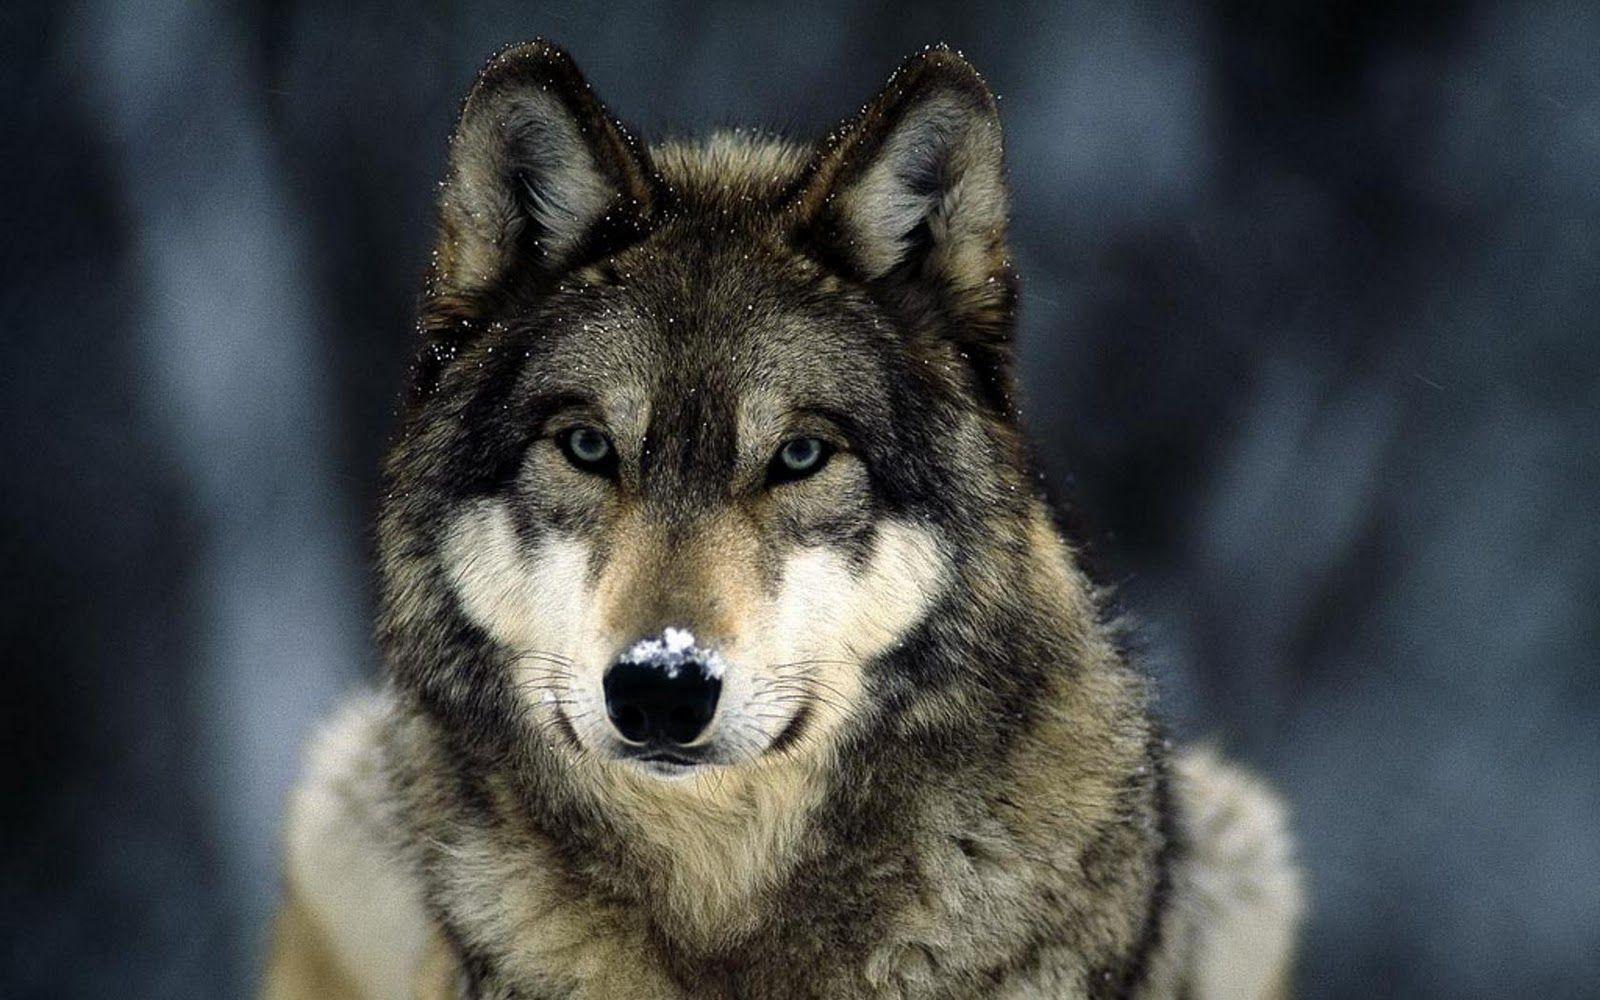 Hình nền chó sói 1600x1000 16307 1600x1000 px